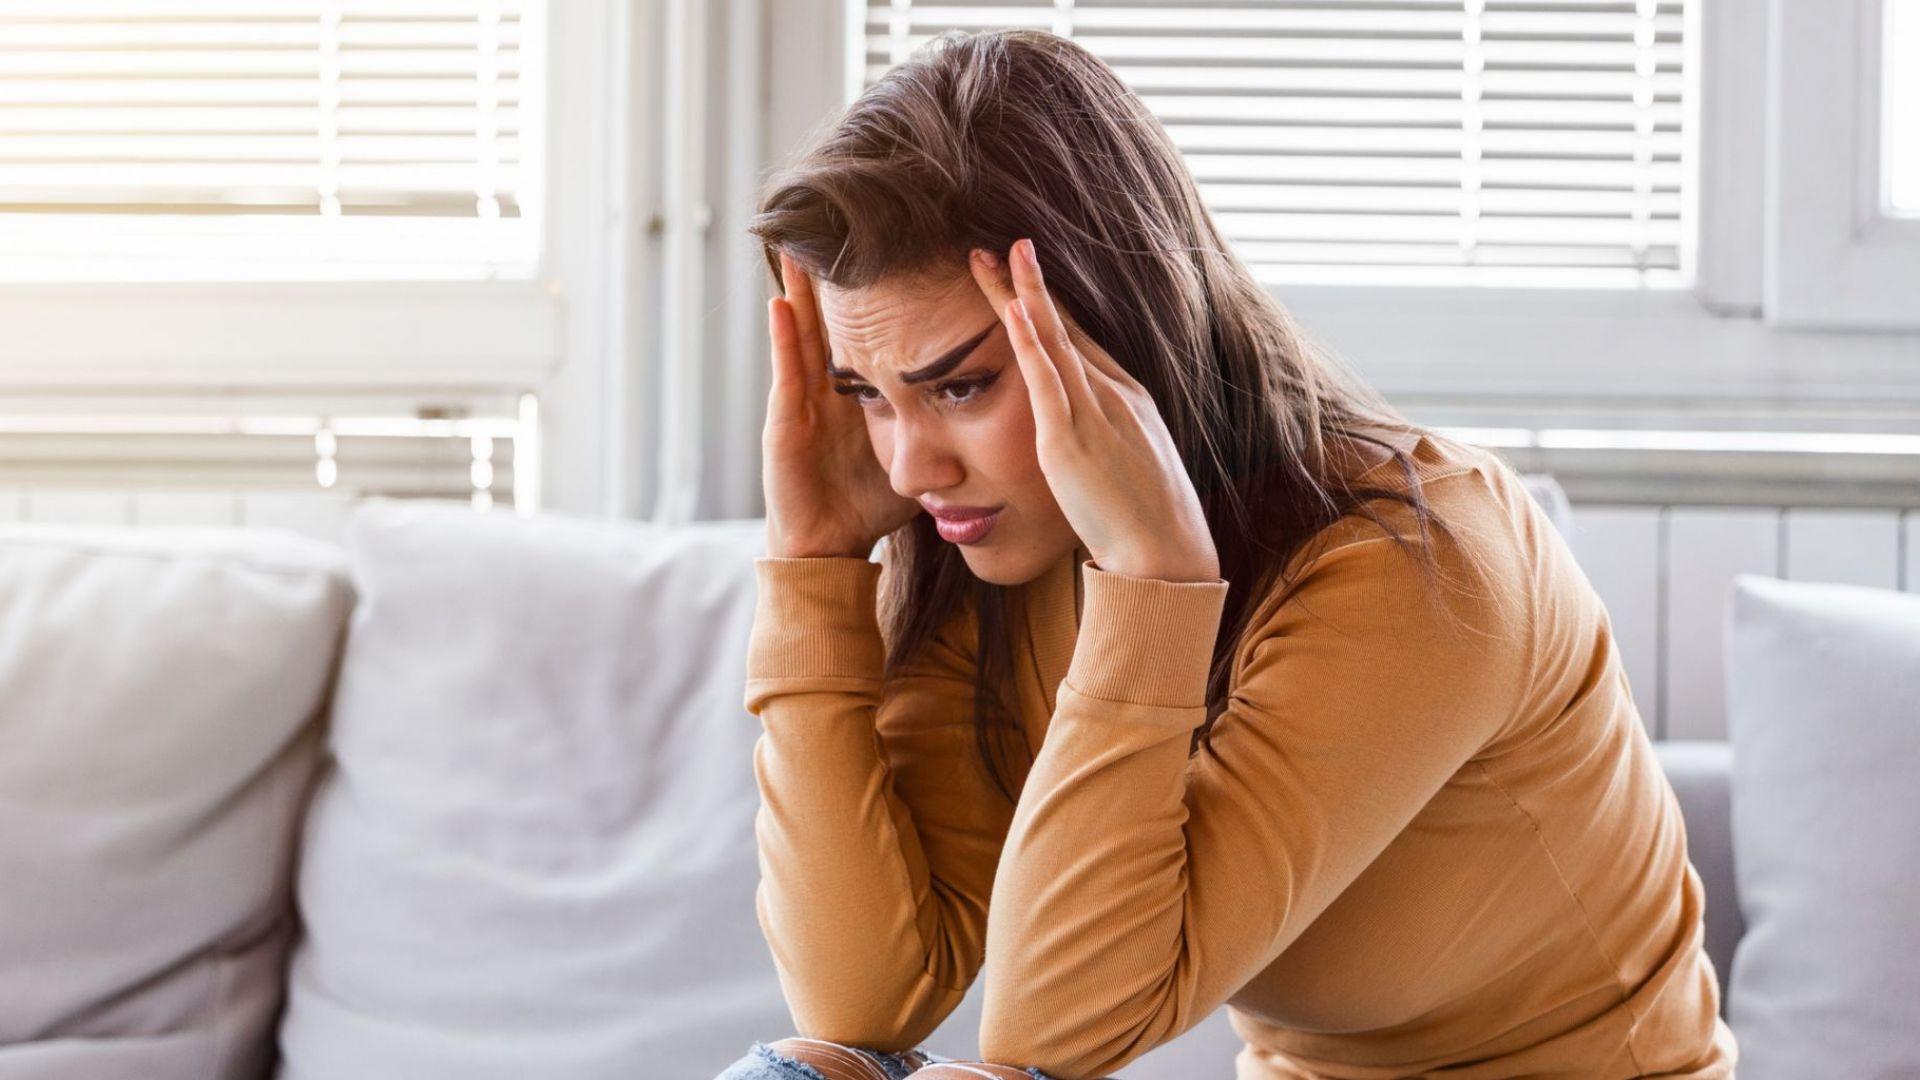 Емоционалното прегаряне повишава риска от болести на сърцето